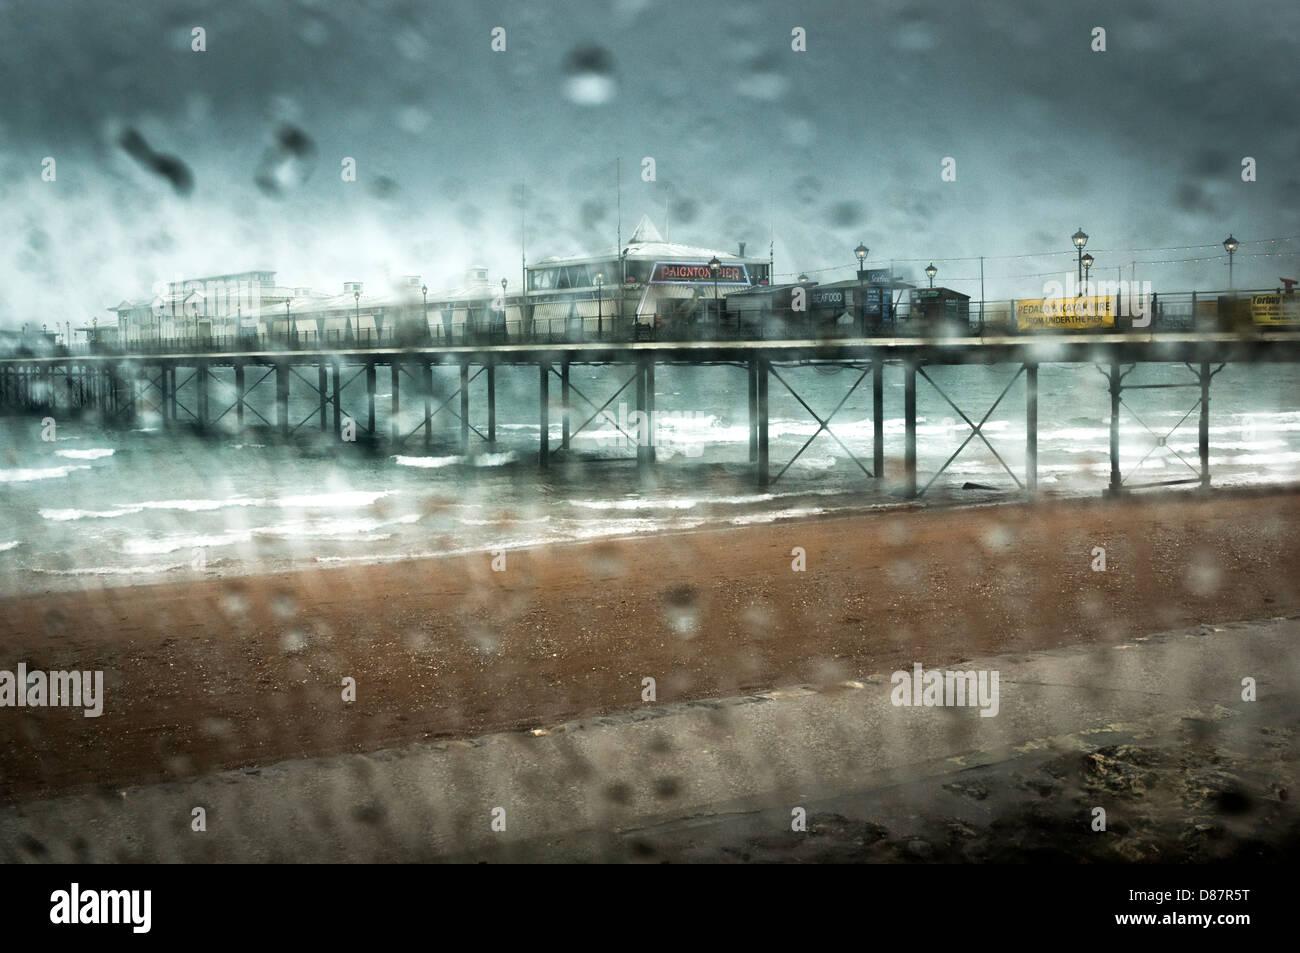 La jetée de Paignton sur un jour pluvieux de printemps/été, England, UK Photo Stock